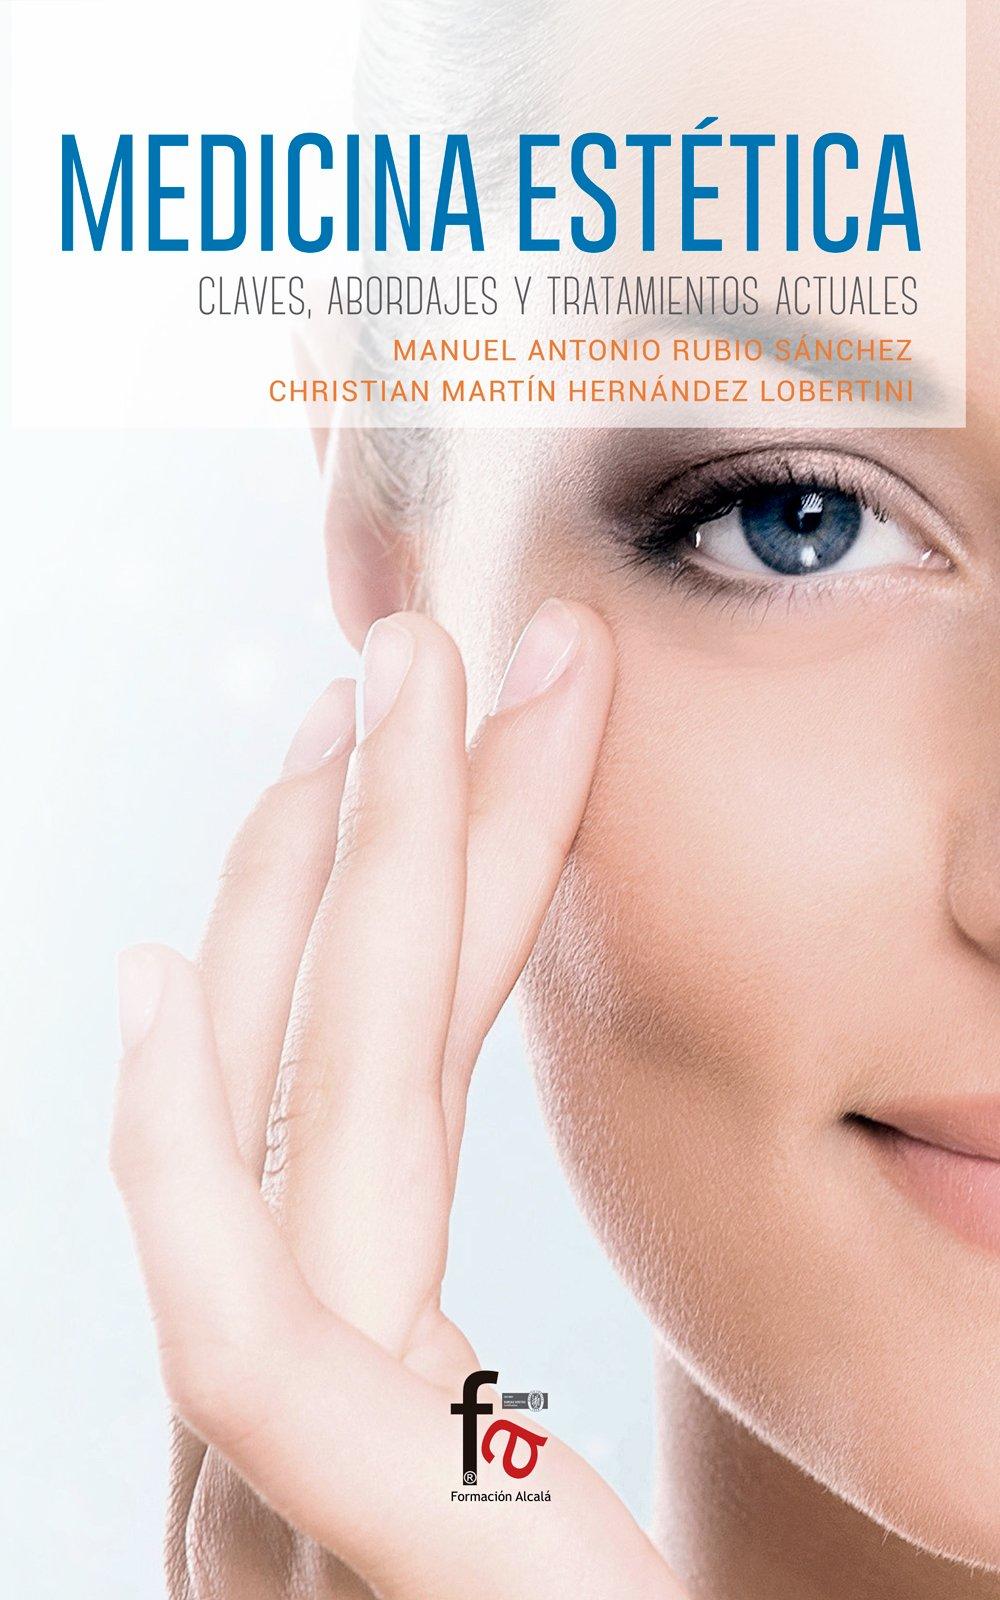 Medicina Estetica Claves Abordajes Y Tratamientos Actuales Spanish Edition Buy Online In Guernsey At Guernsey Desertcart Com Productid 137311825